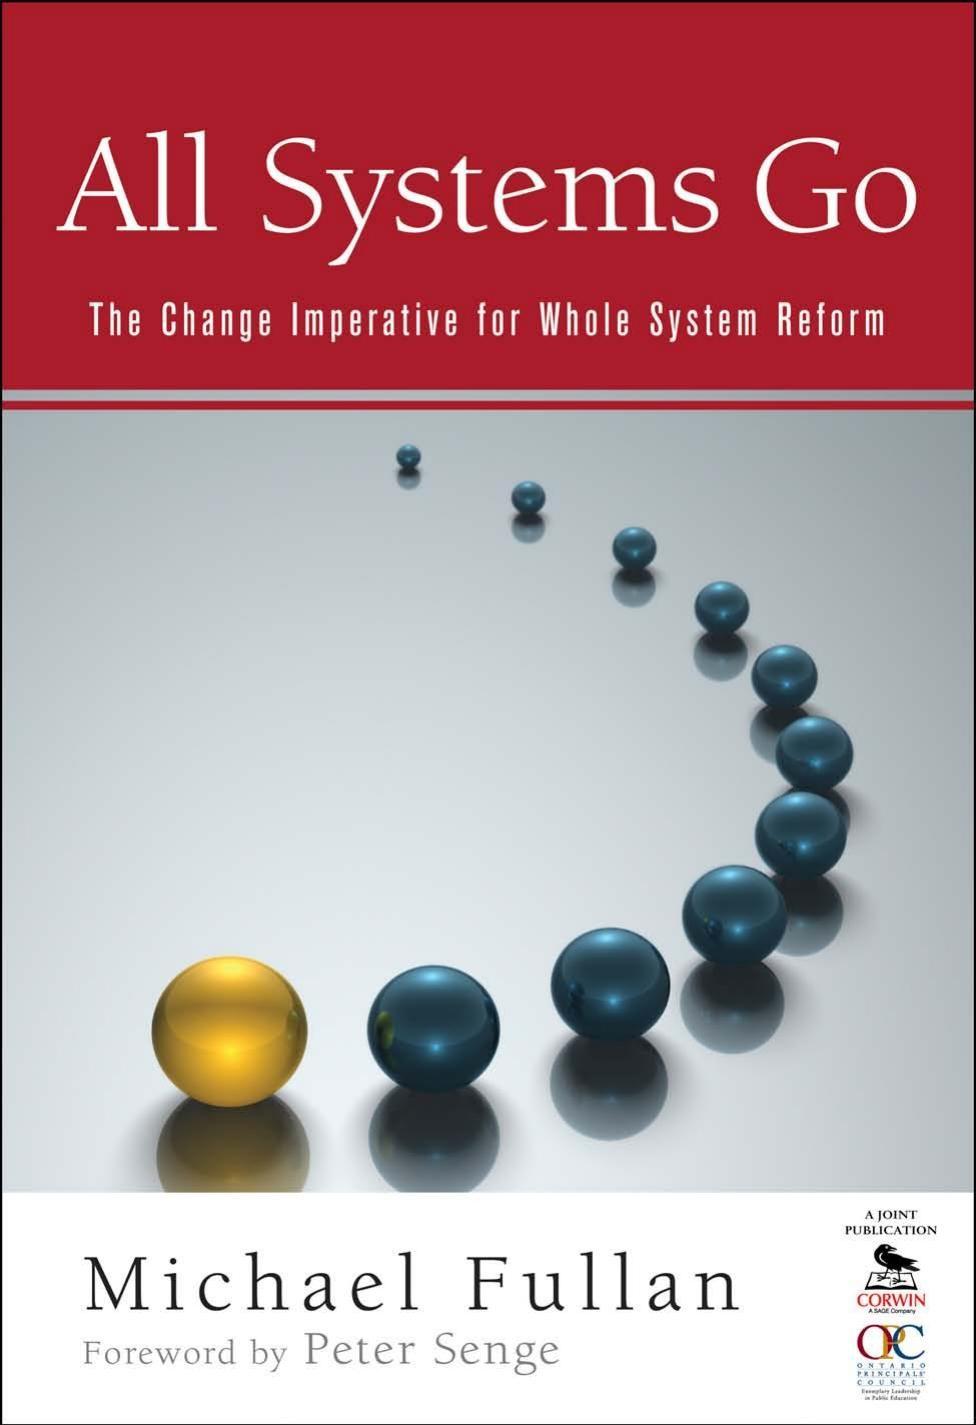 بازخوانی کتاب: سیستمها موفق میشوند: تغییر حیاتی برای اصلاح فراگیر در سیستم (فولن، ۲۰۲۰)